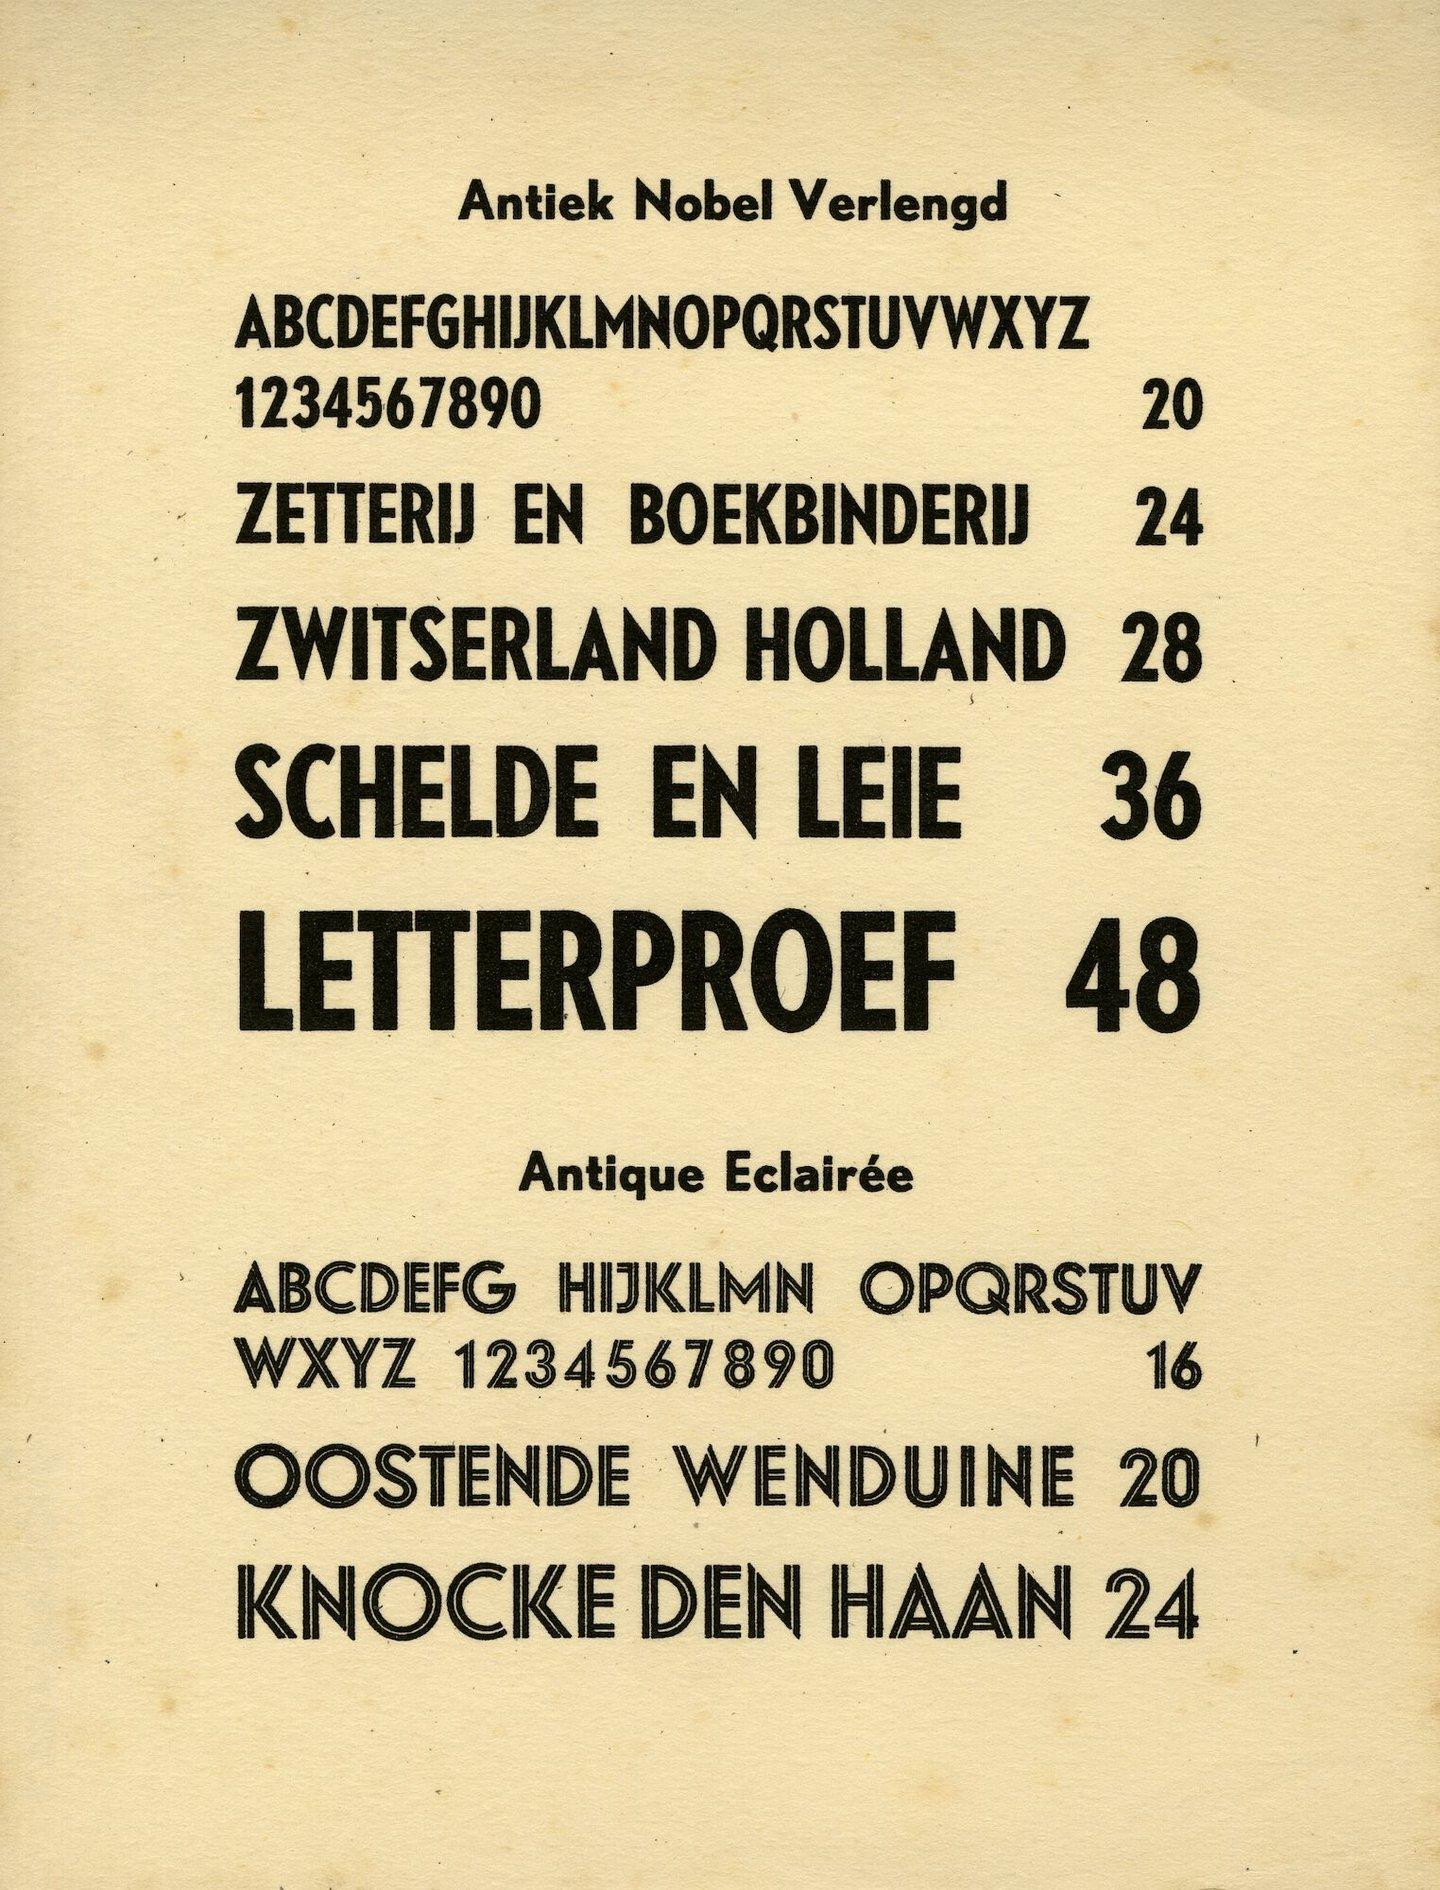 Letterproef van de lettertypes Antiek Nobel Verlengd en Antique Eclairée